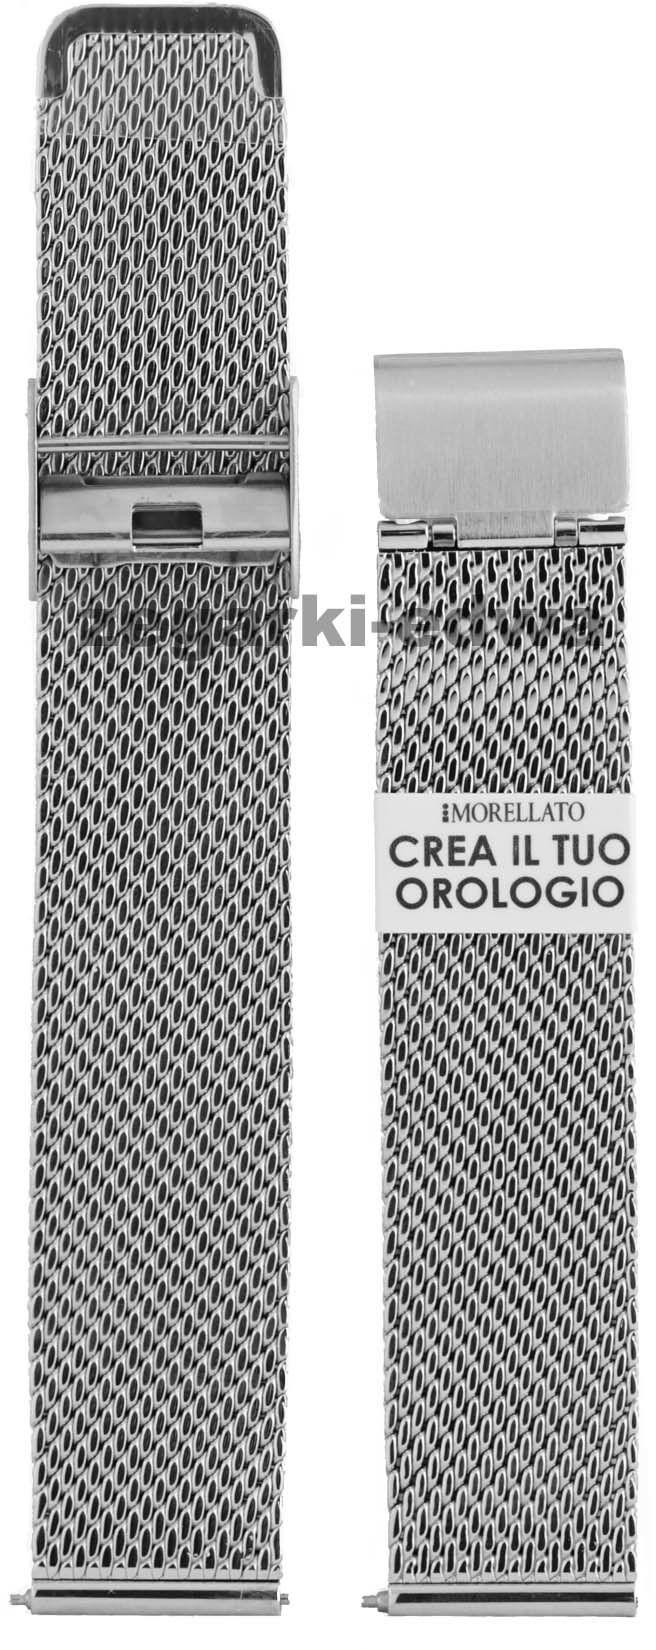 Bransoleta Morellato A02X05480100180099